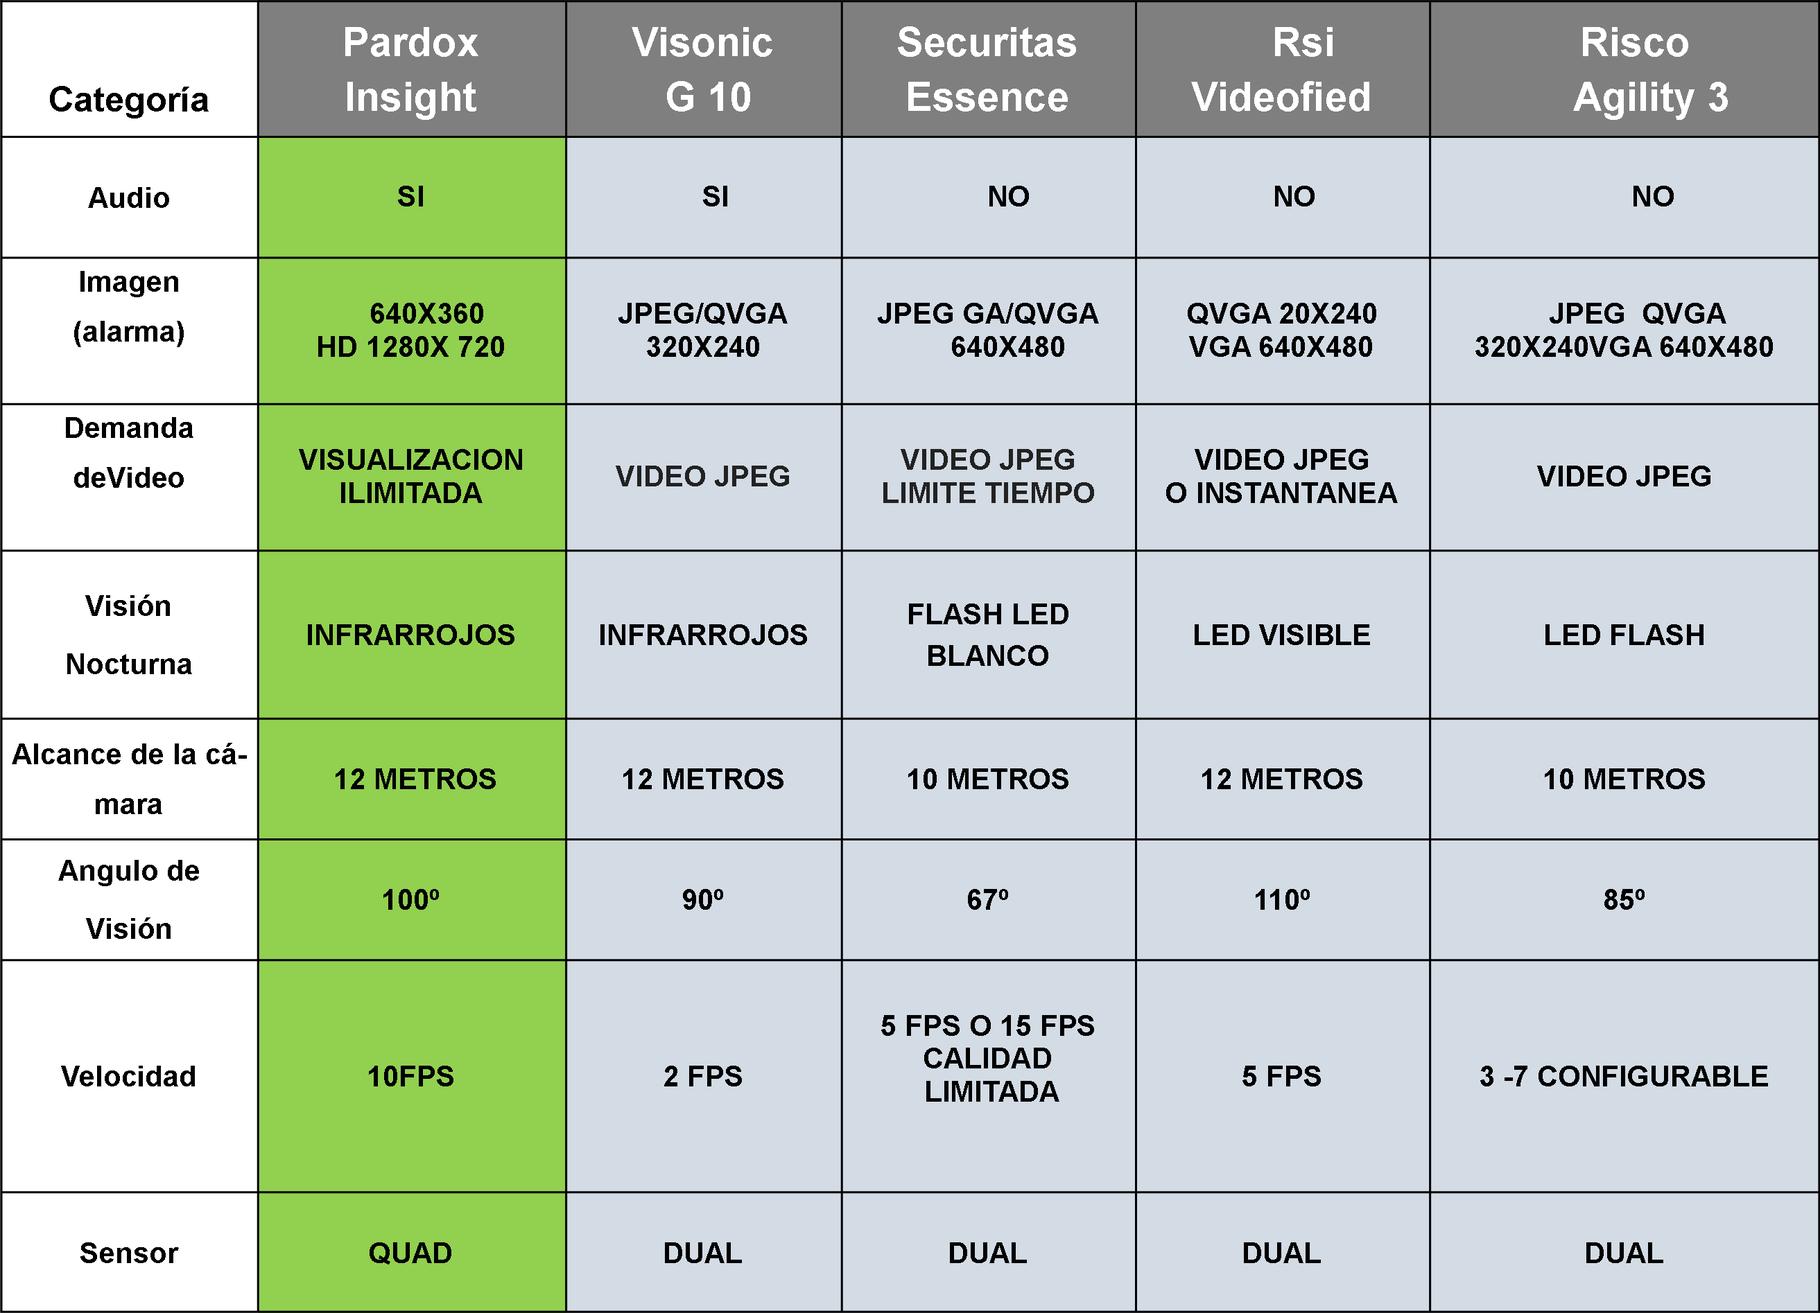 Tabla comparativa de alarmas con verificaion vigilancia for Que alarma es mejor securitas o prosegur